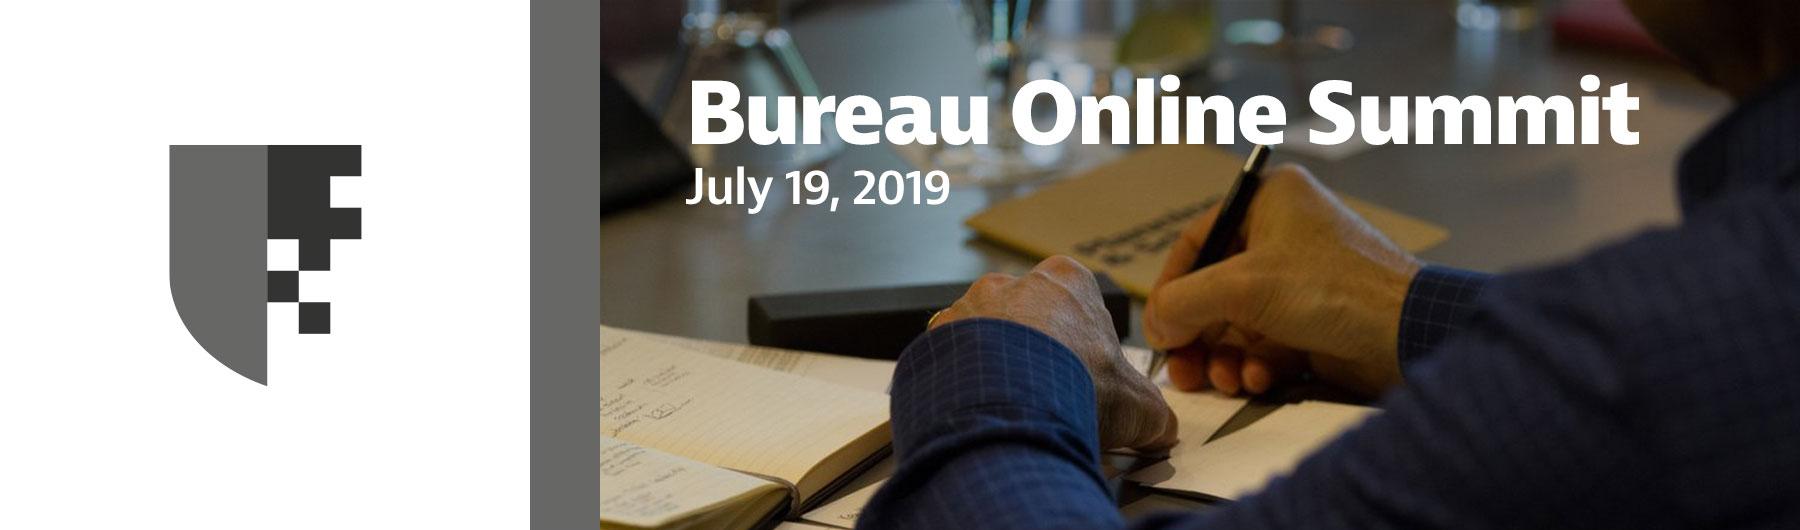 Bureau Online Summit 2019